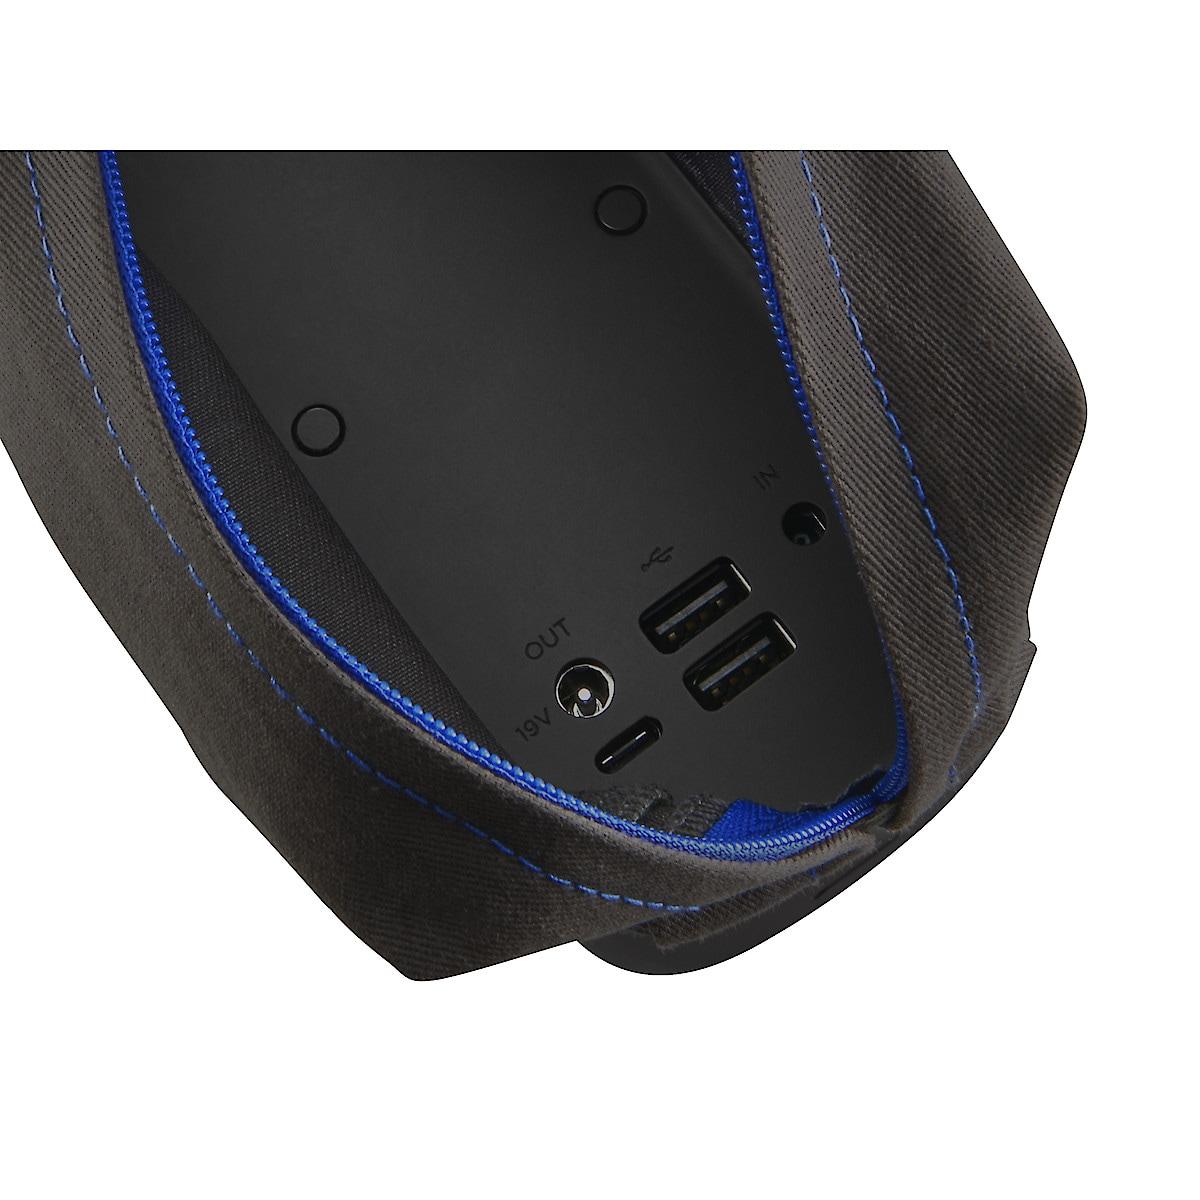 Batteriladdare HP Power Pack Plus 18 000 mAh